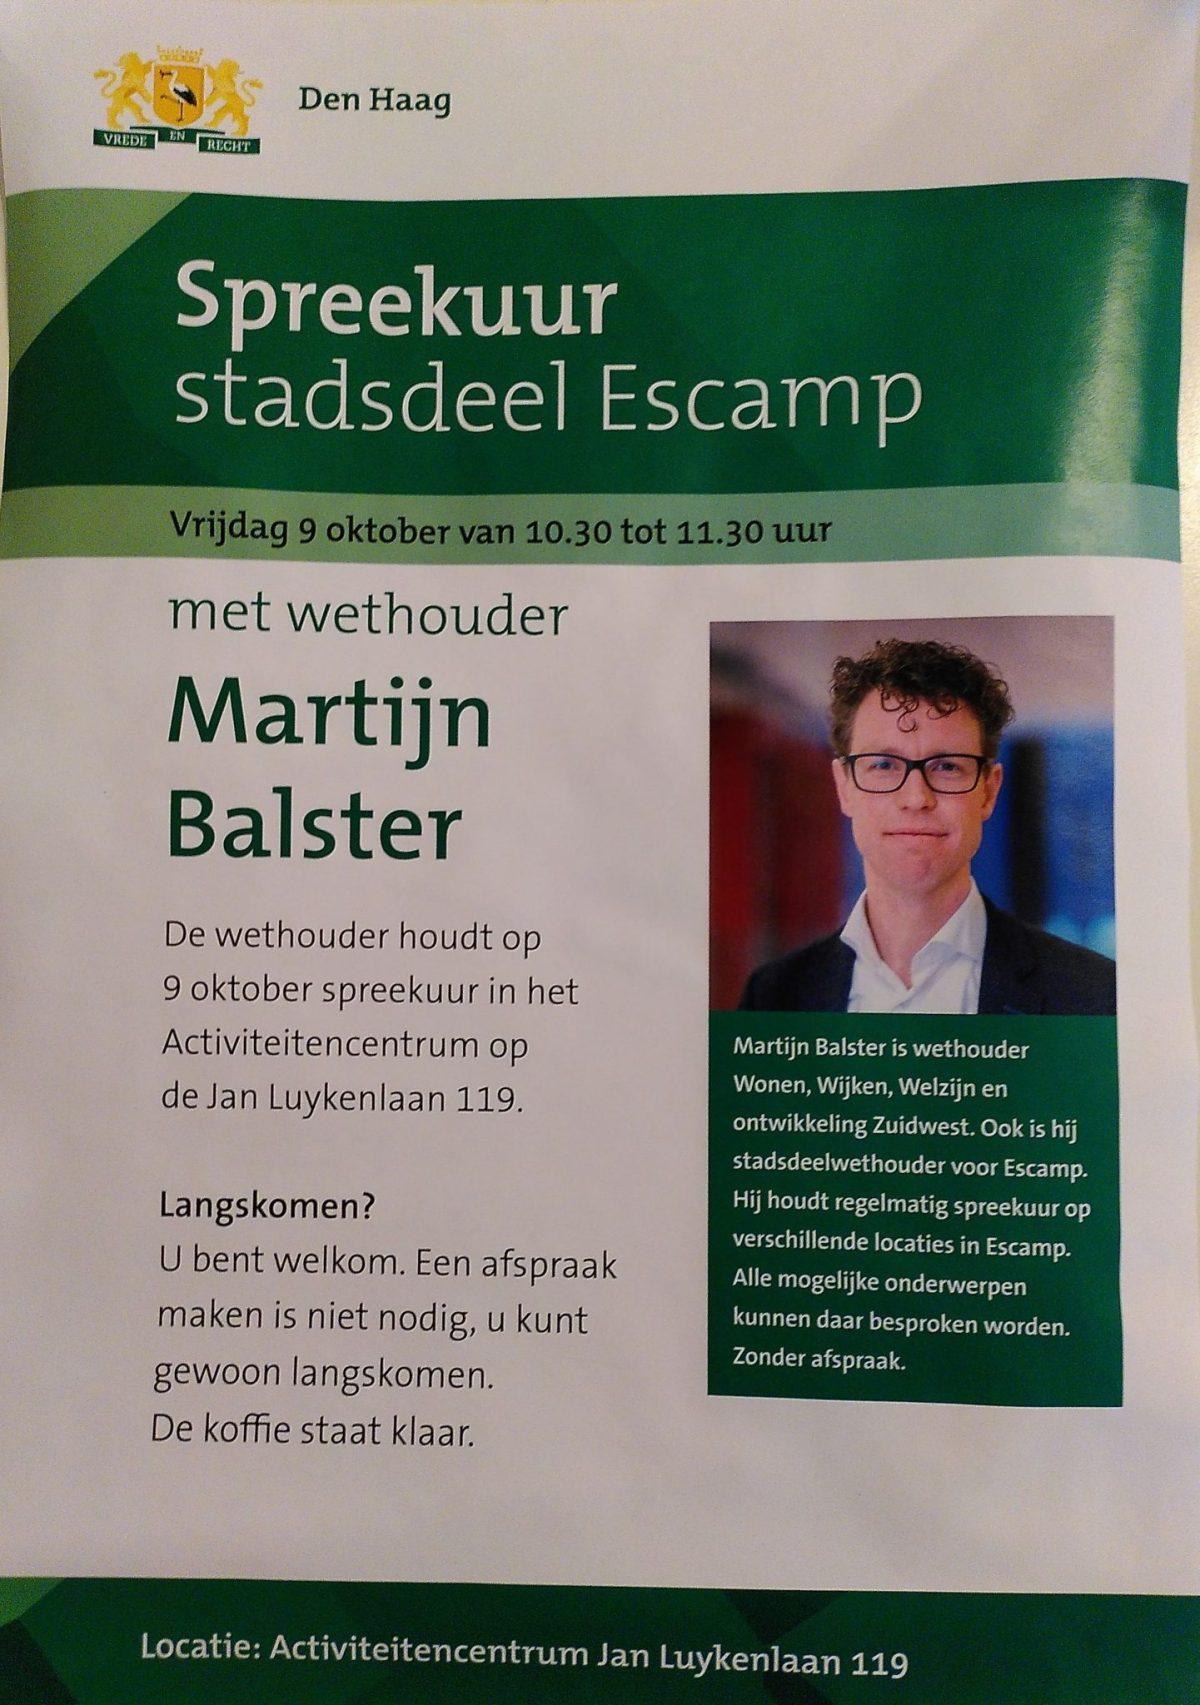 Spreekuur met wethouder Martijn Balster in Moerwijk